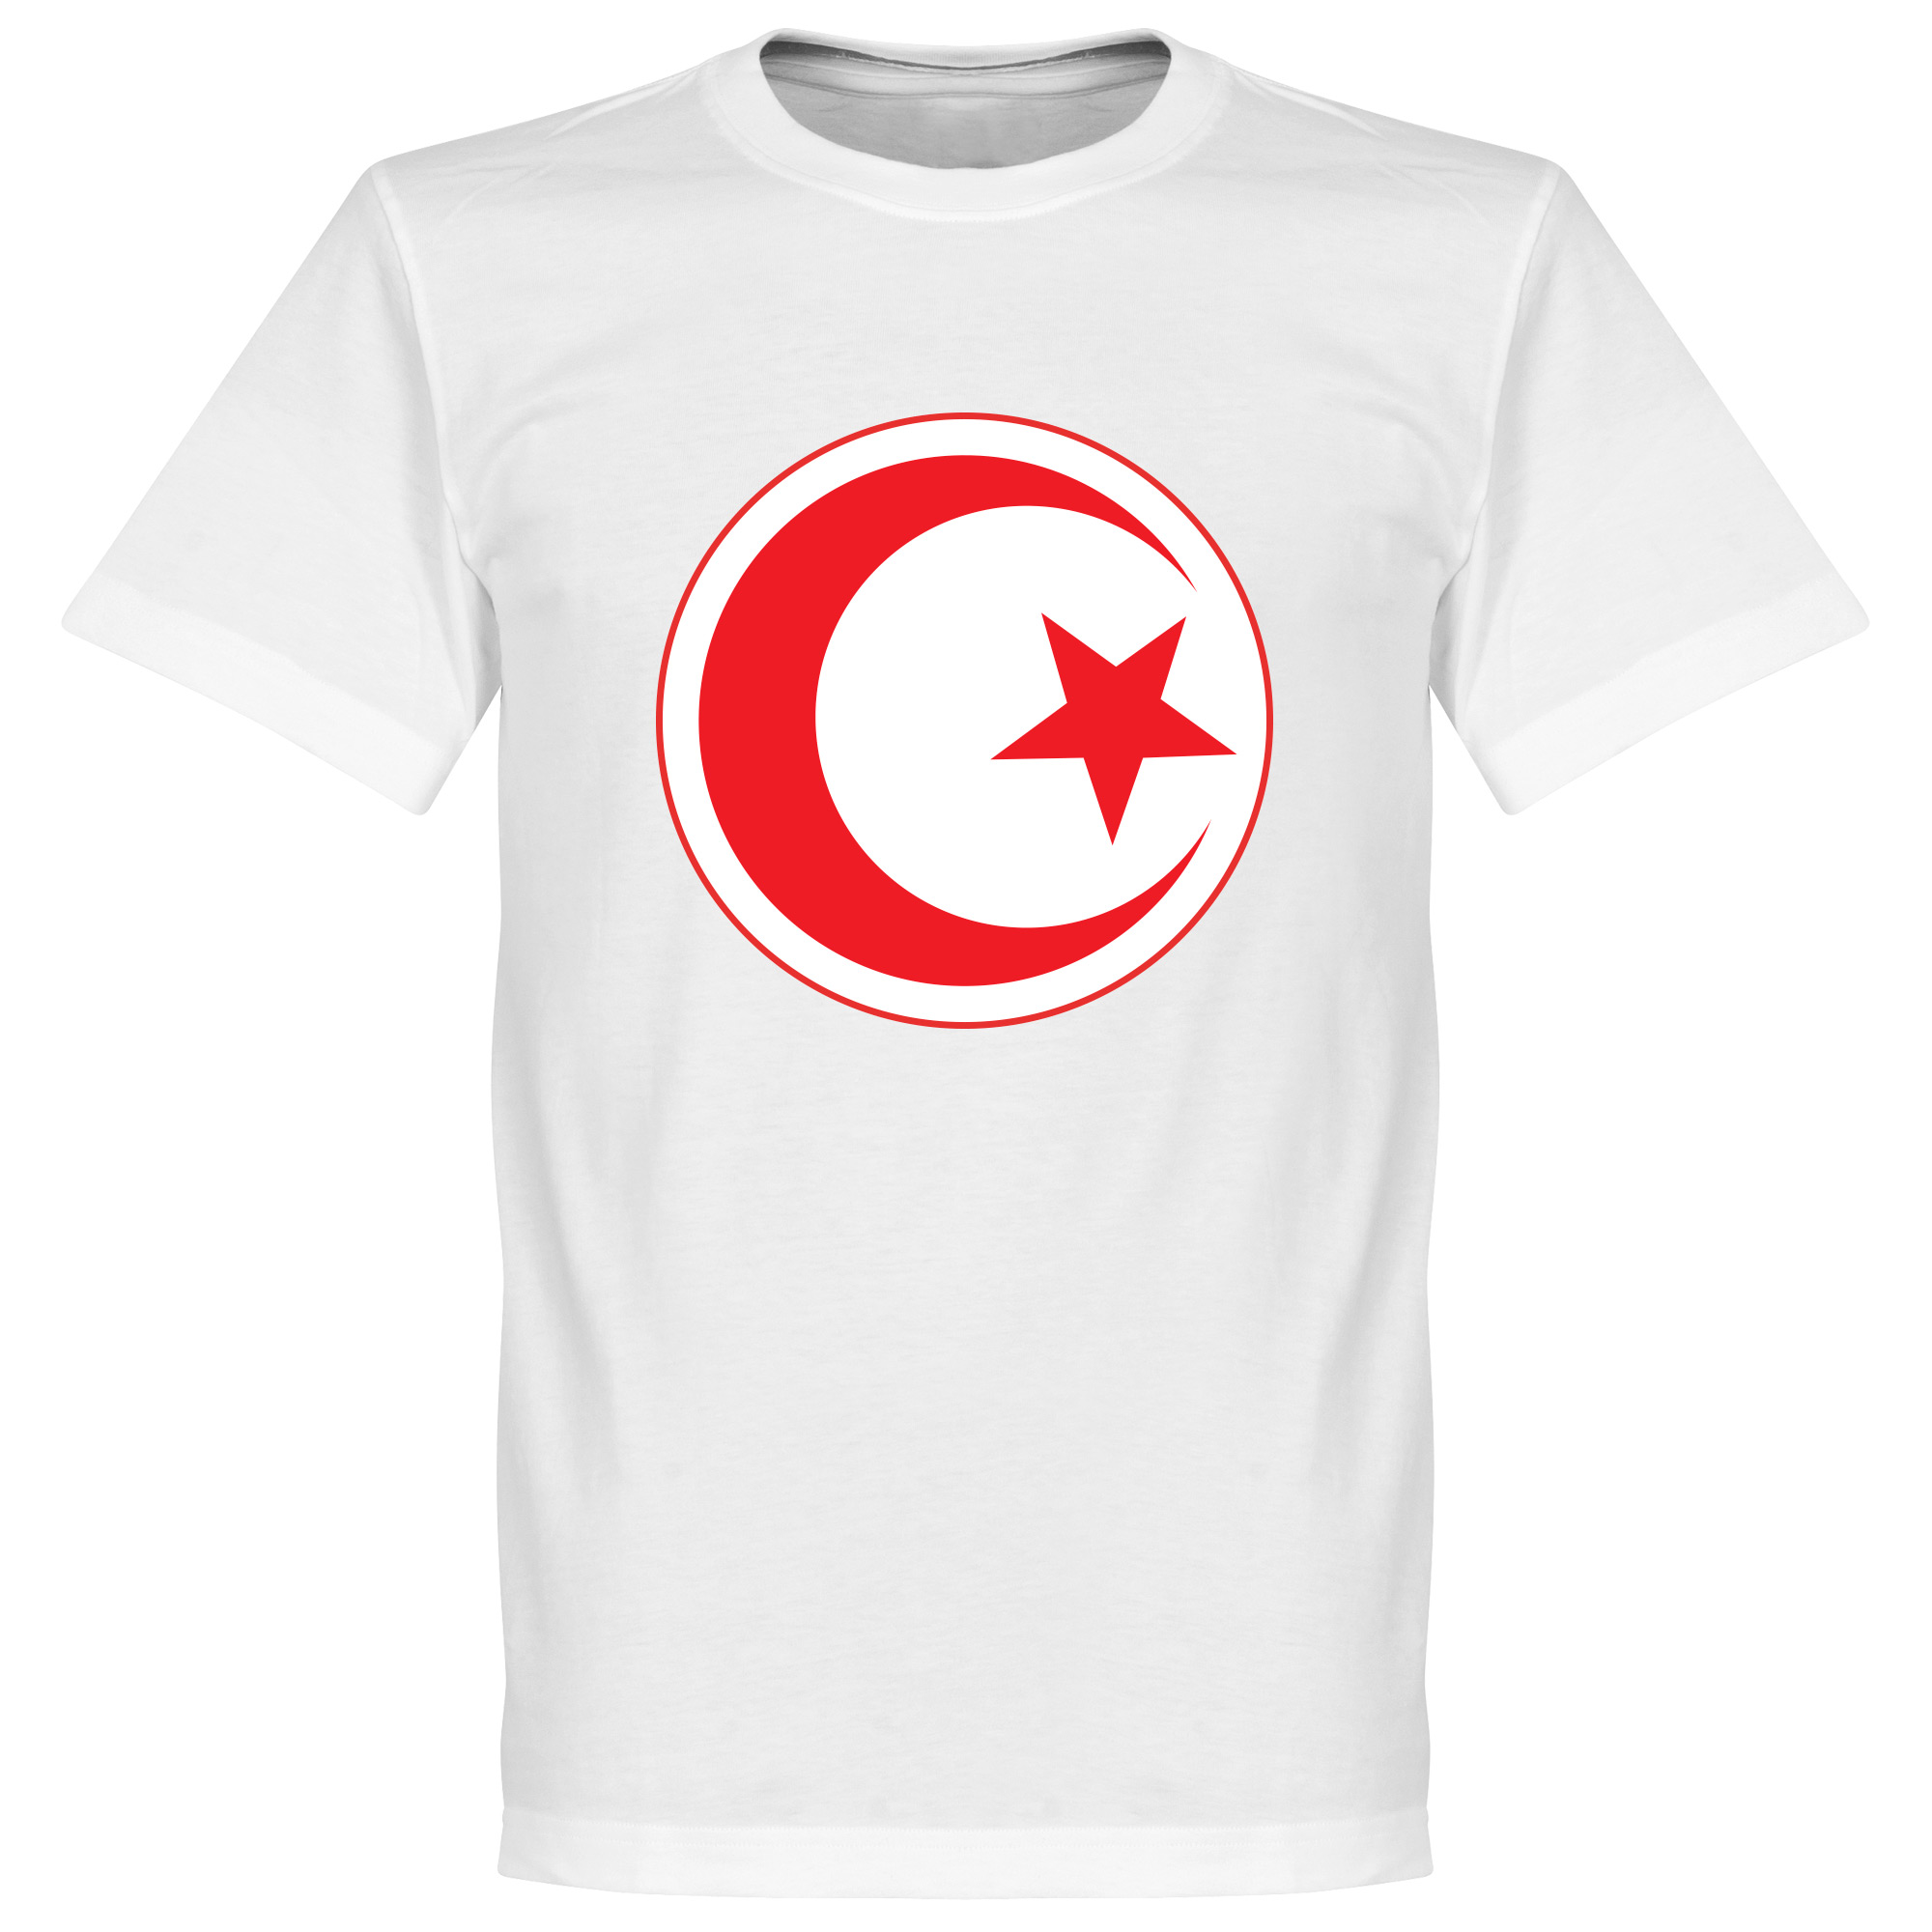 Tunisia Crest Tee - White - XXXXXL